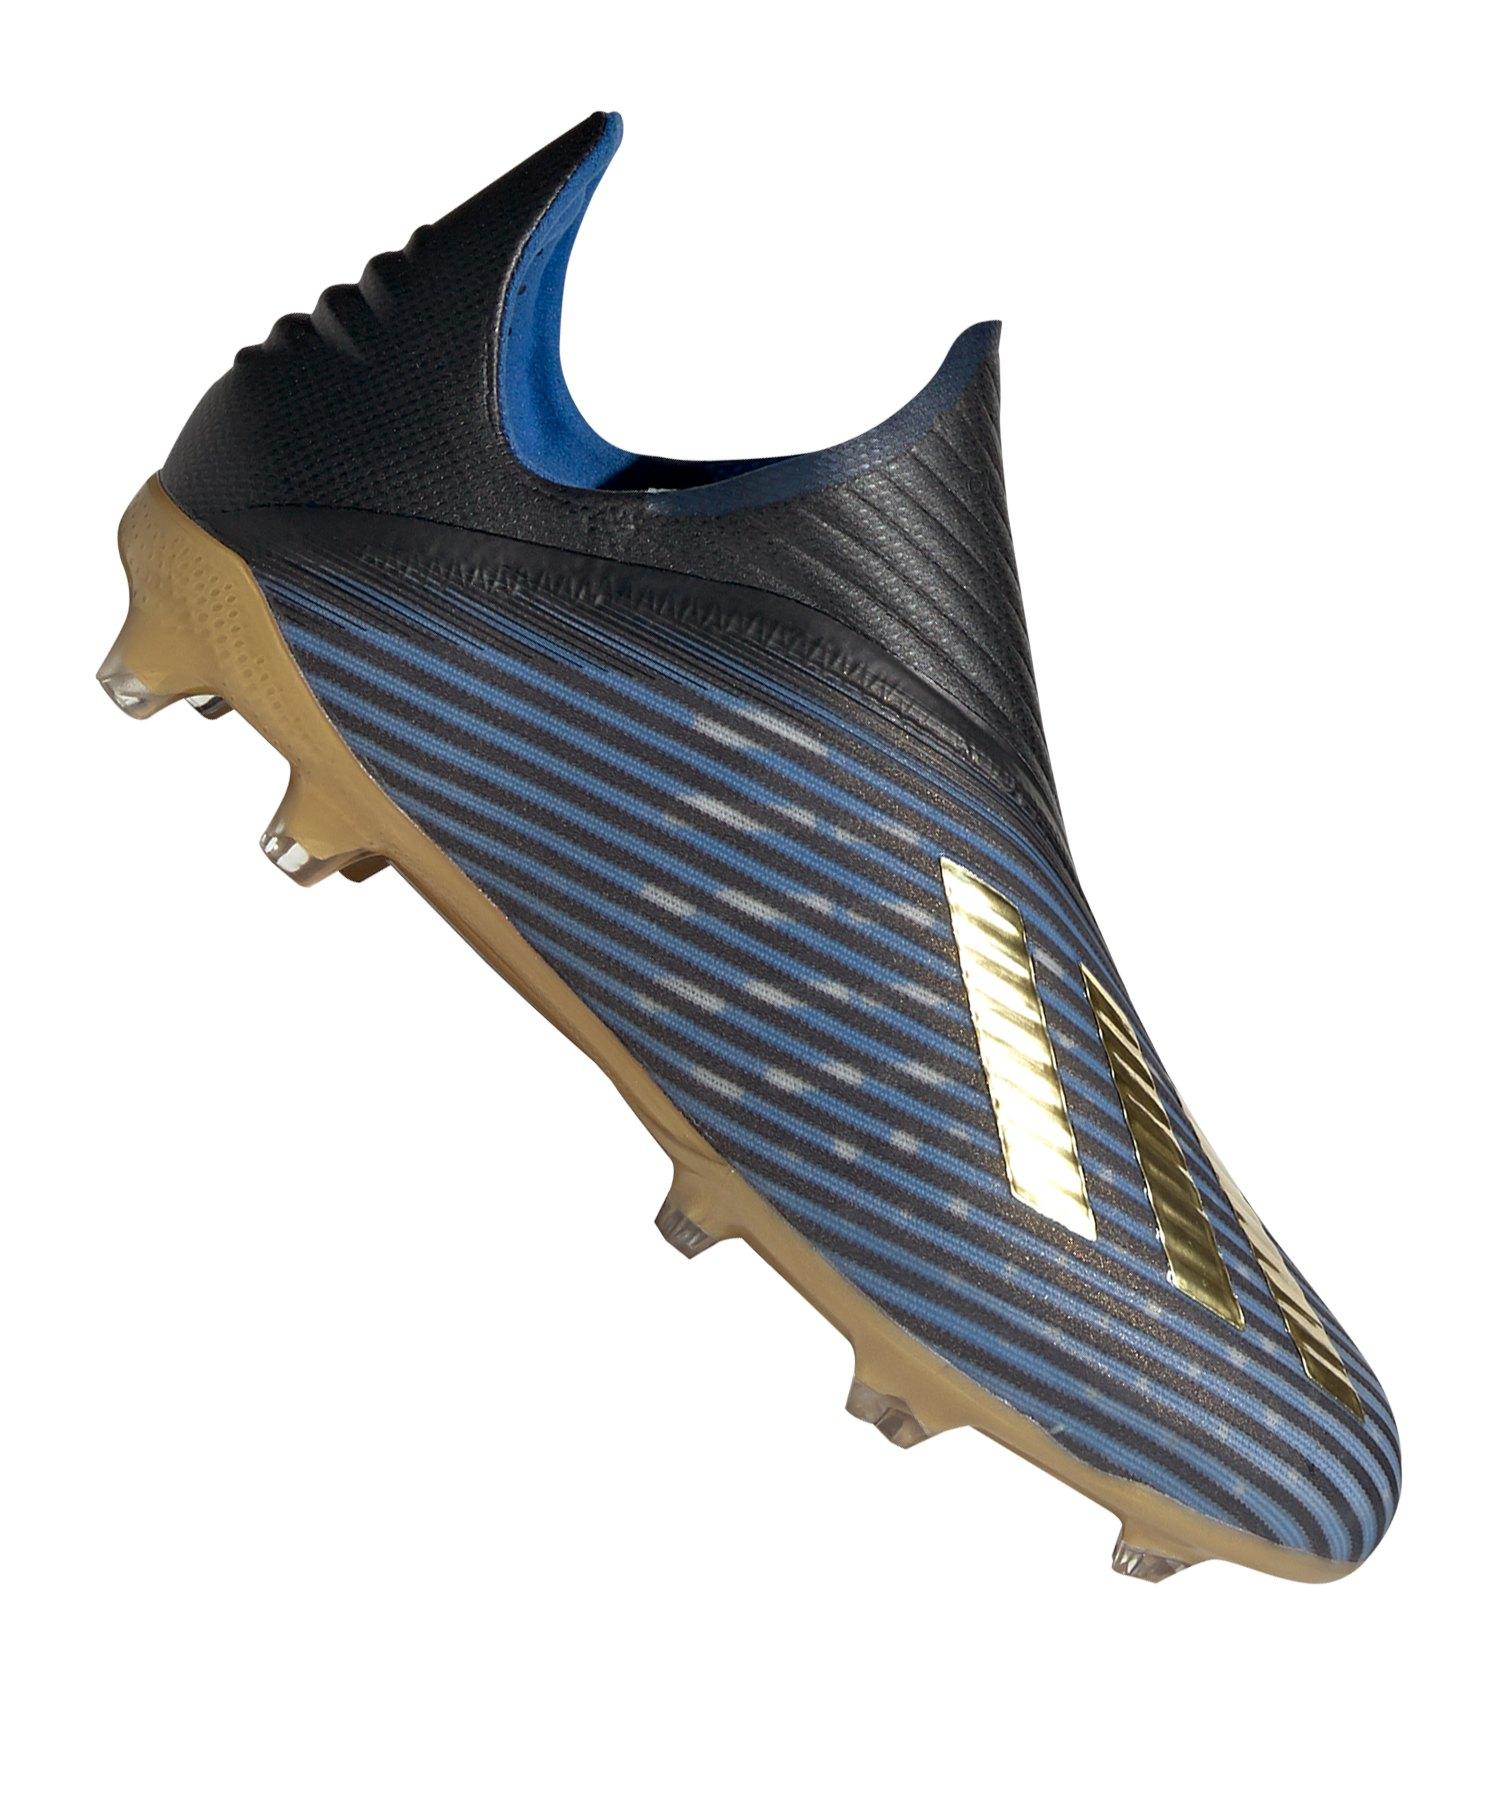 adidas X 19+ FG J Kids Blau Gold Schwarz - blau